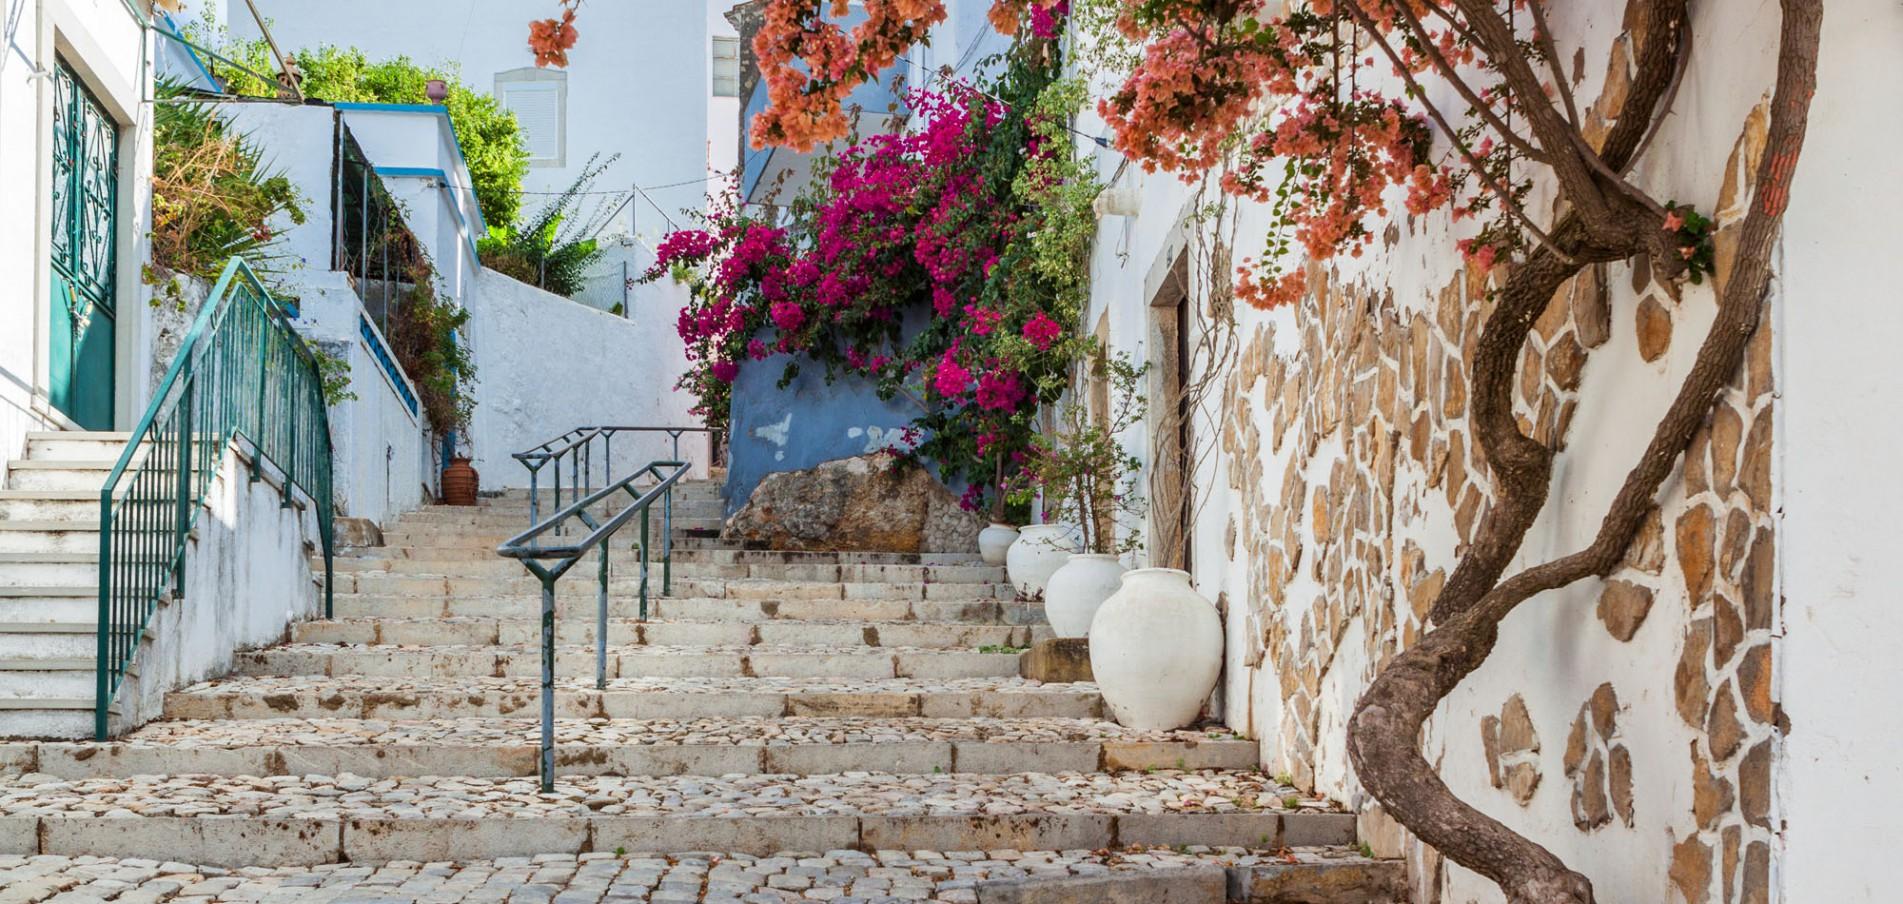 Willkommen an der Algarve ...wo der Frühling schon im Februar beginnt!